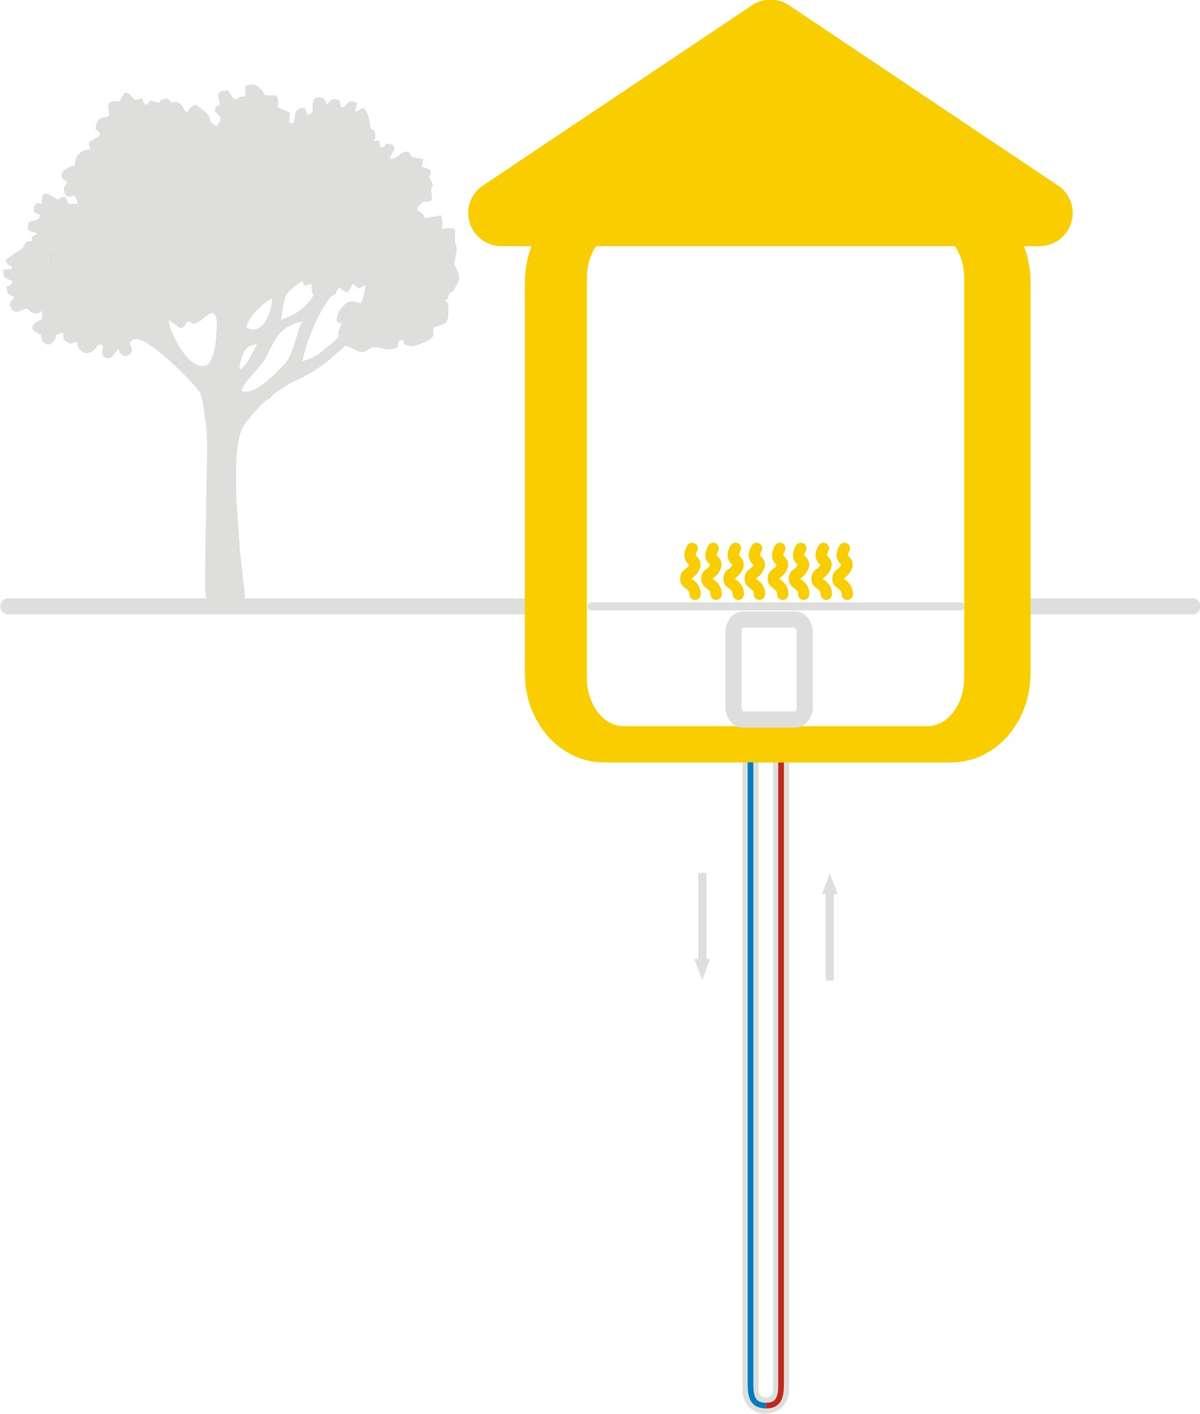 Pompa ciepła gruntowa (solanka-woda) — pionowych sond gruntowych